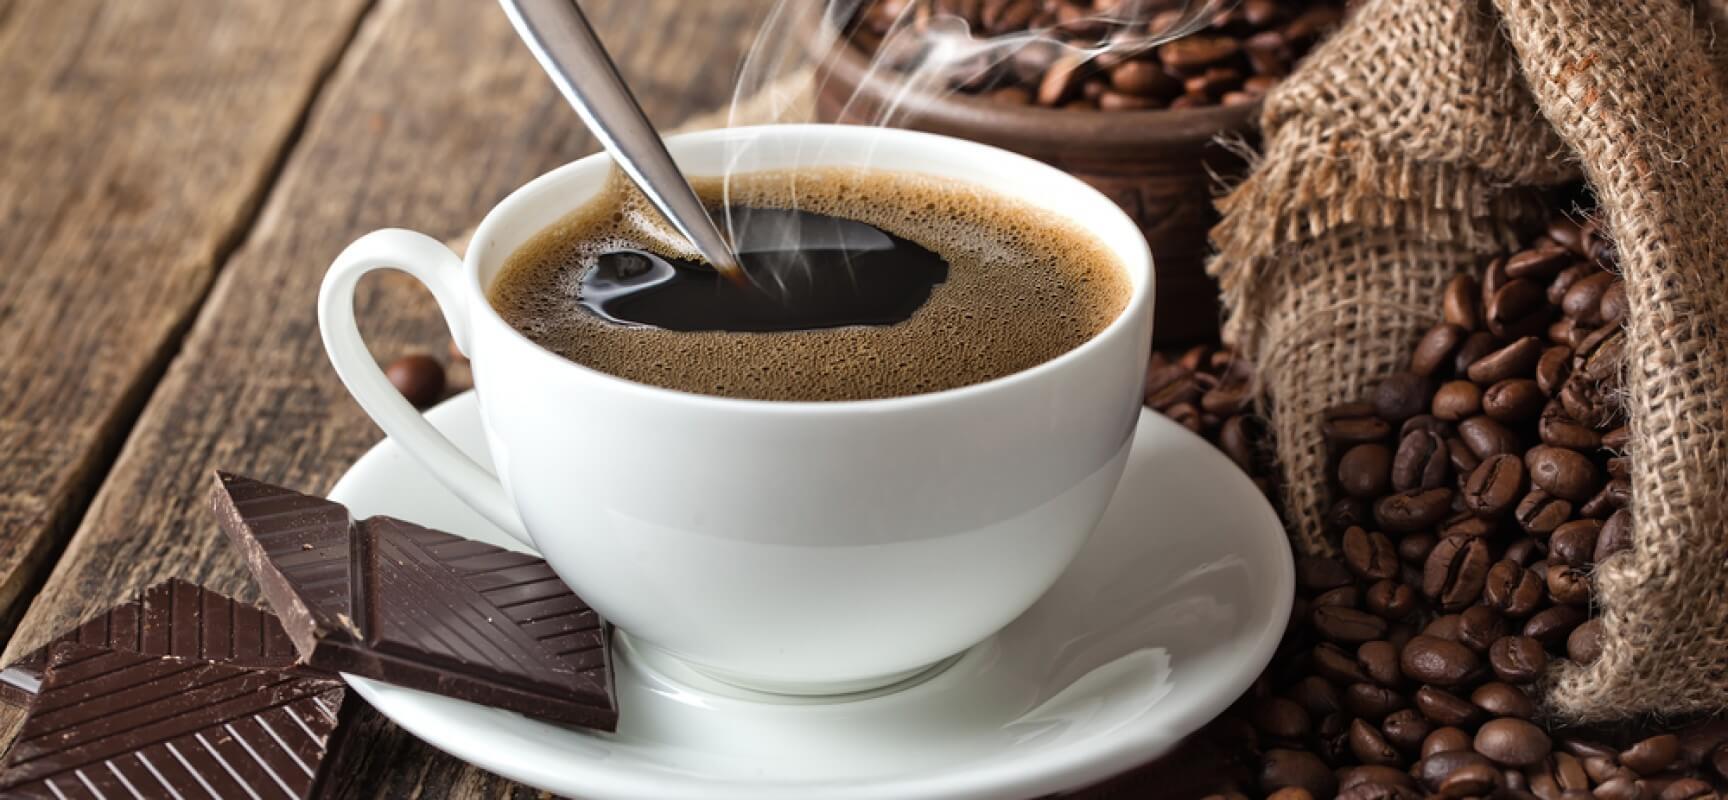 calorias del coffee shop instantaneo deceive azucar